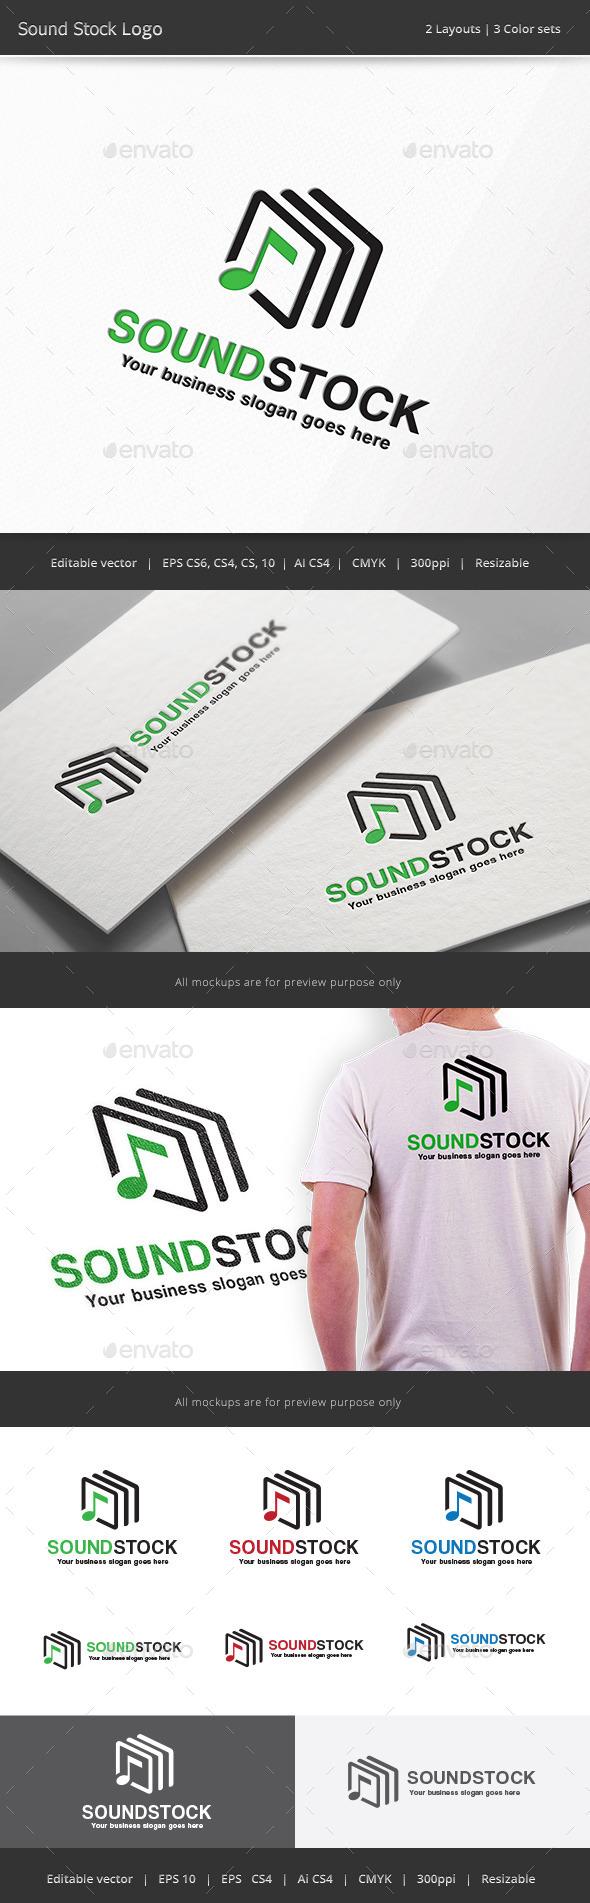 Sound Stock Logo - Vector Abstract